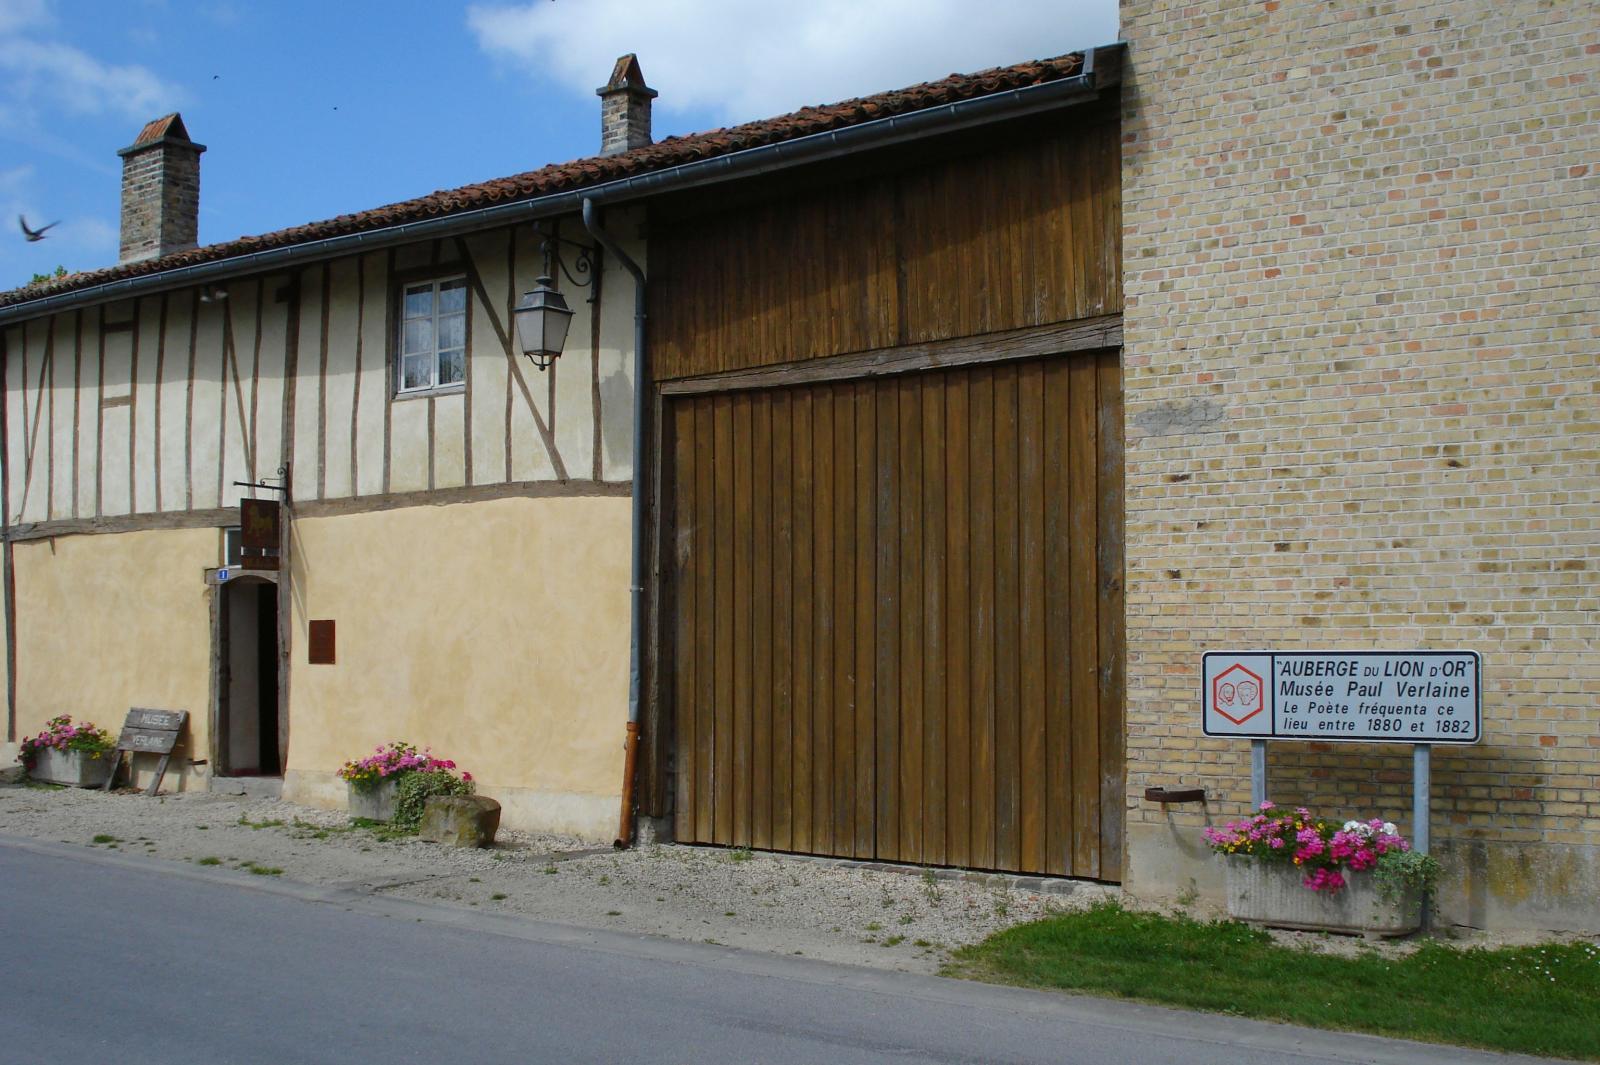 Juniville, Musée Verlaine